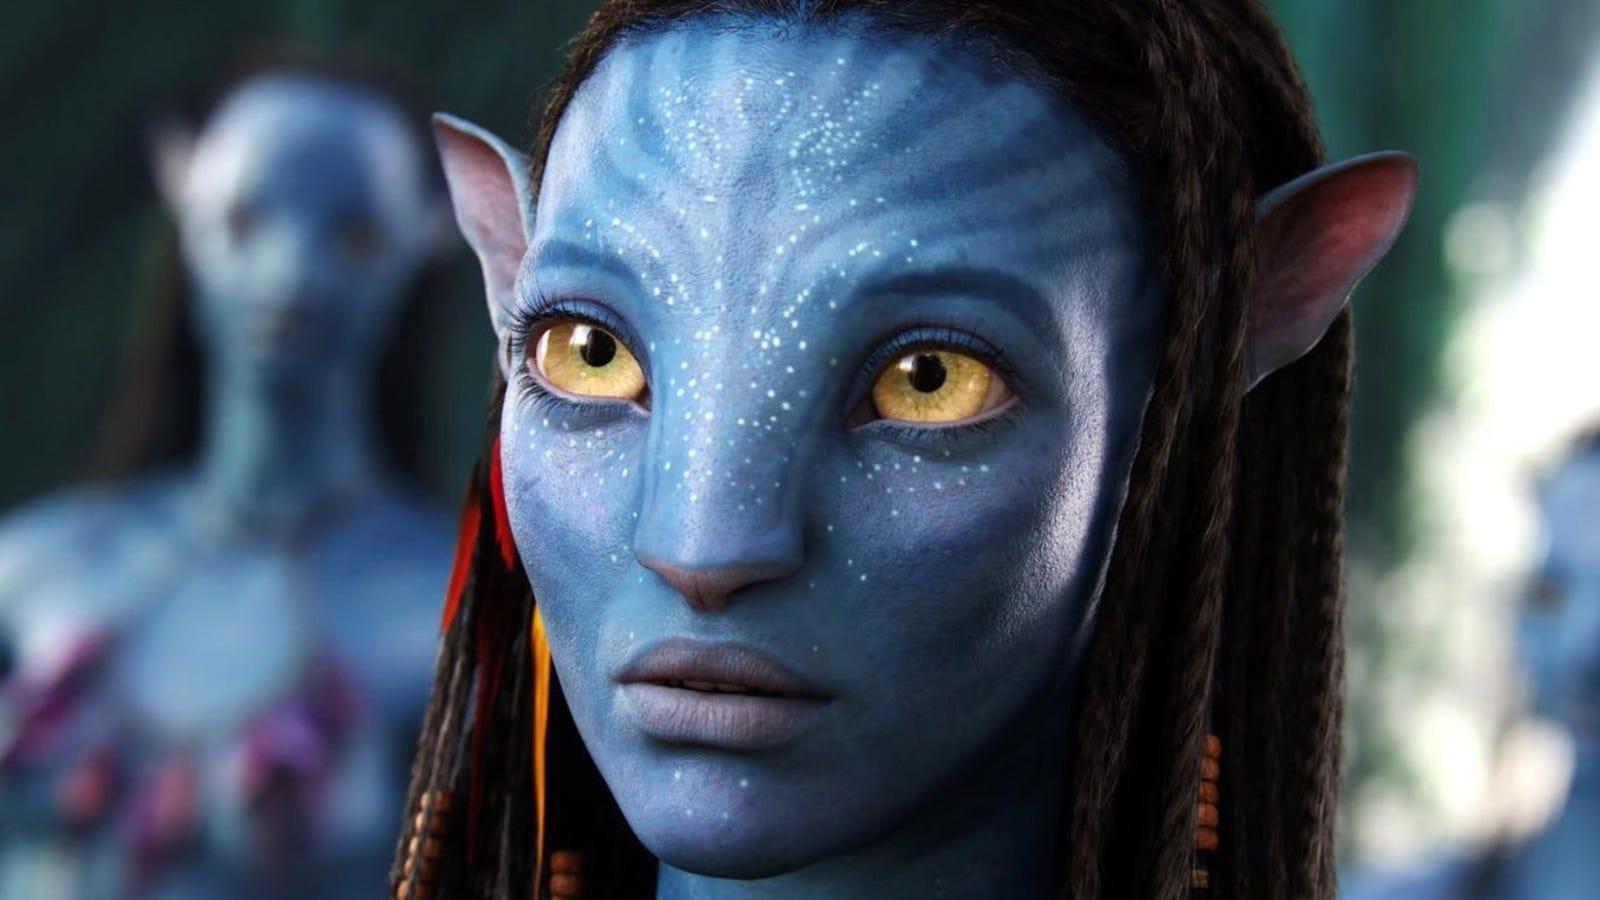 Zoe Saldana Has Already Finished Filming Avatar 2 and 3